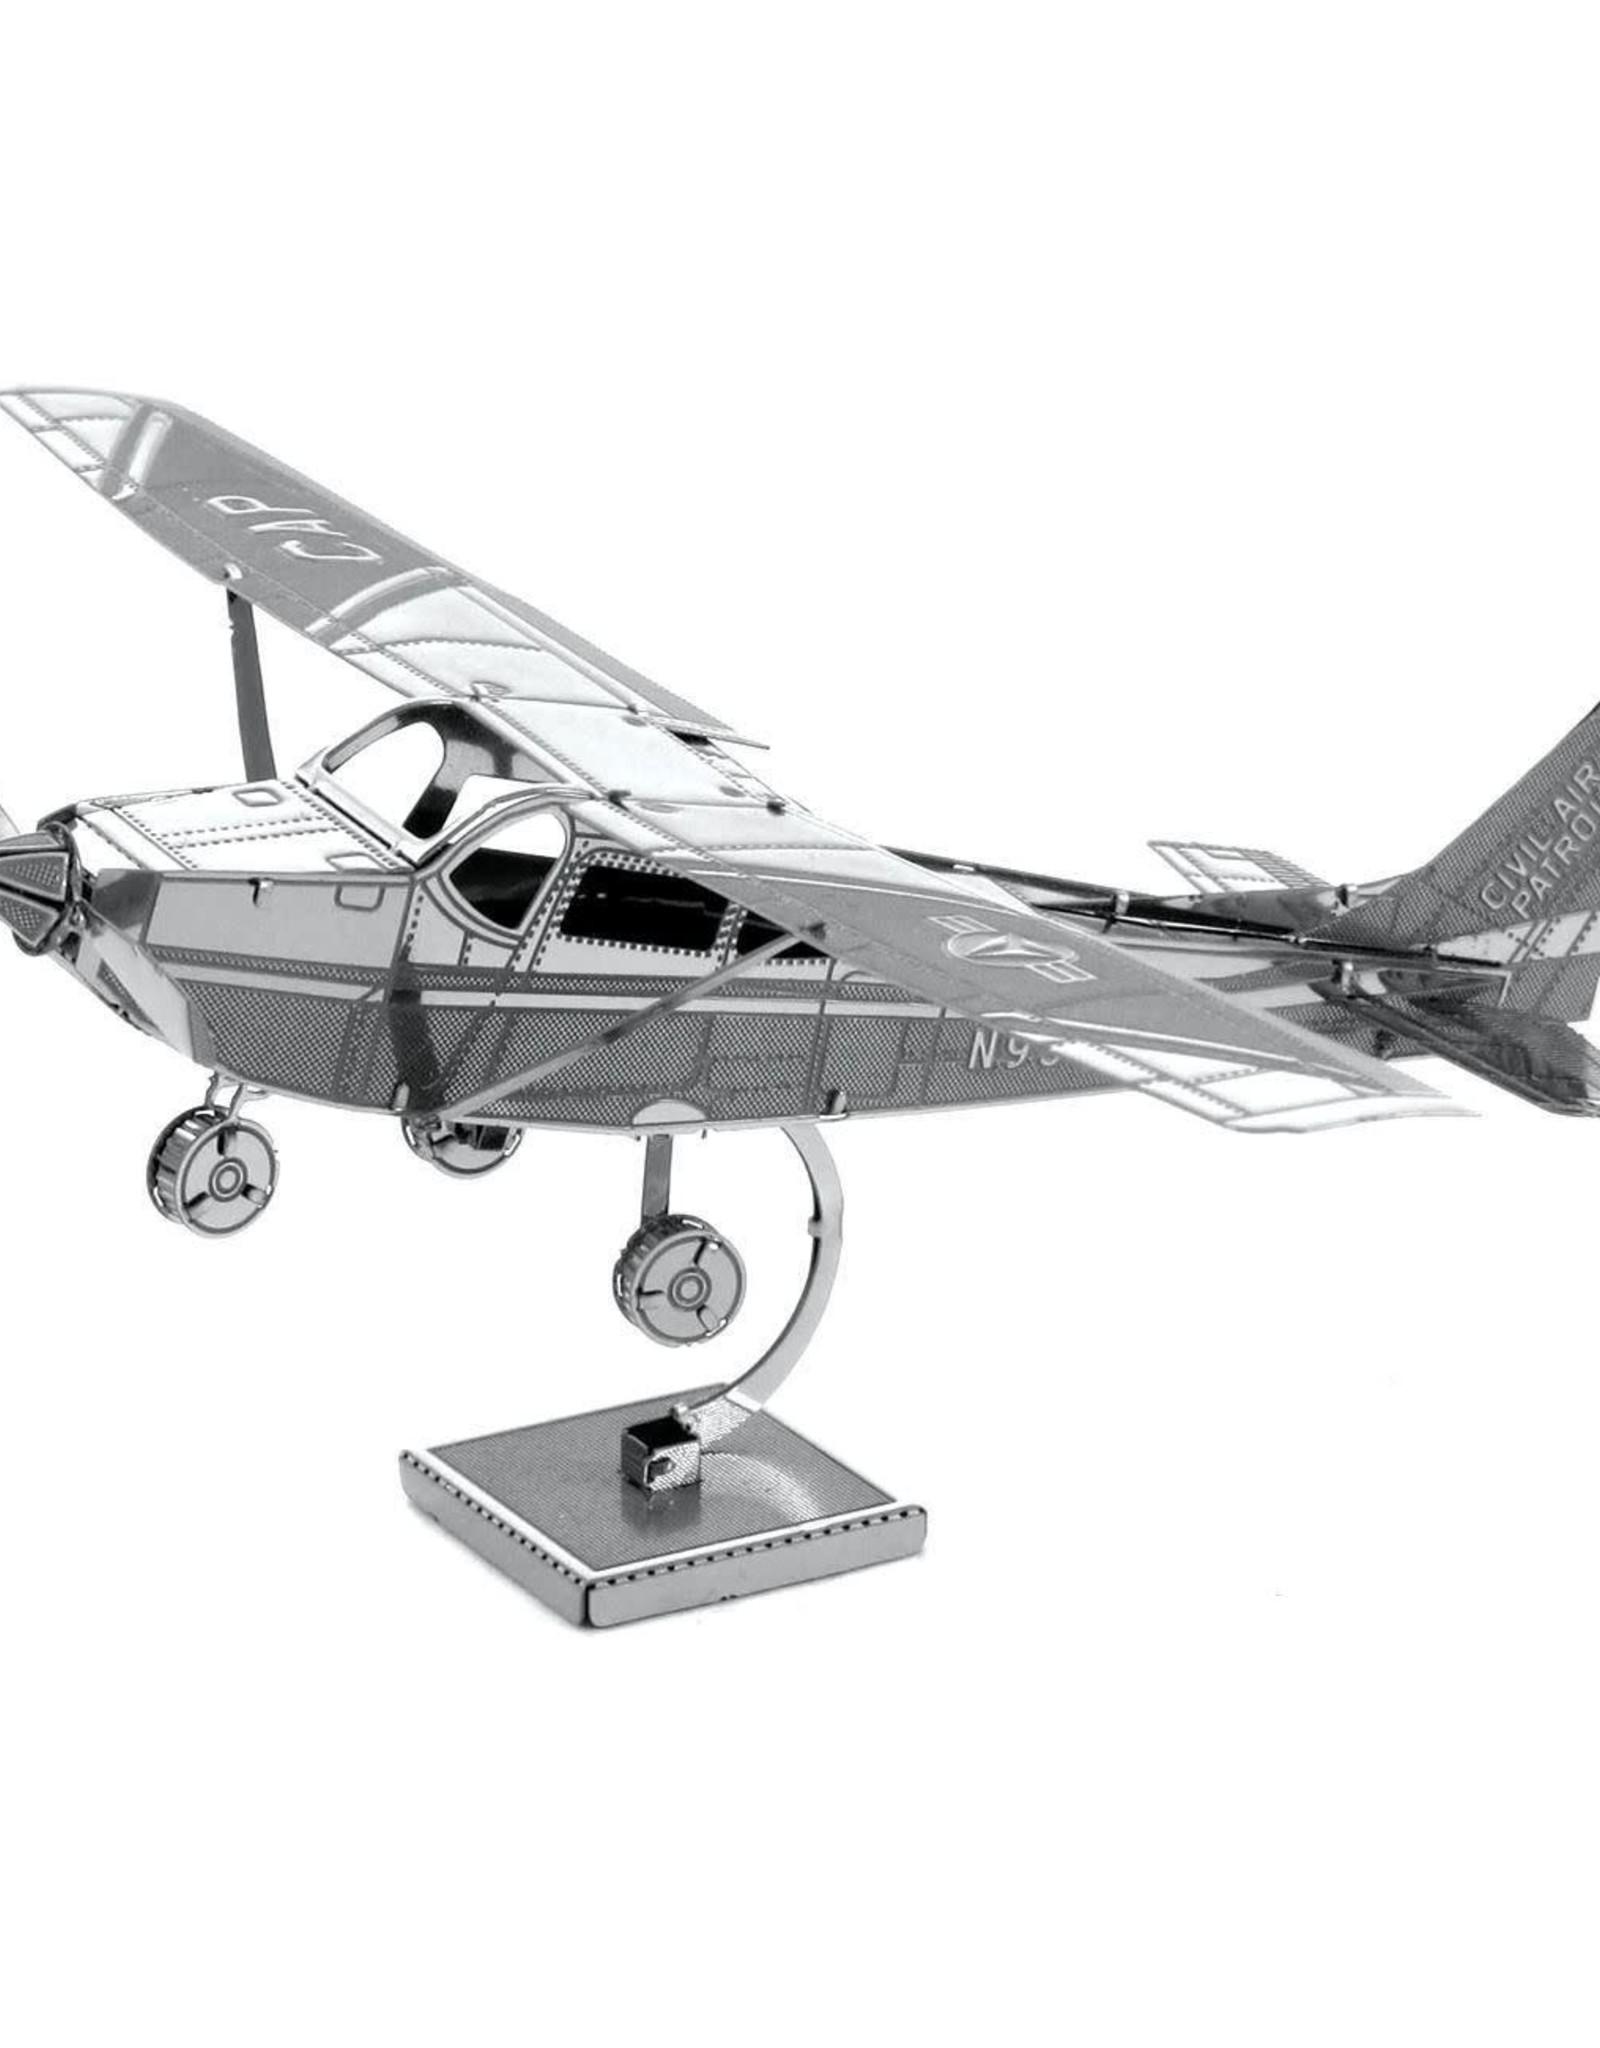 MetalEarth M.E., Cessna 172, 1 sheet